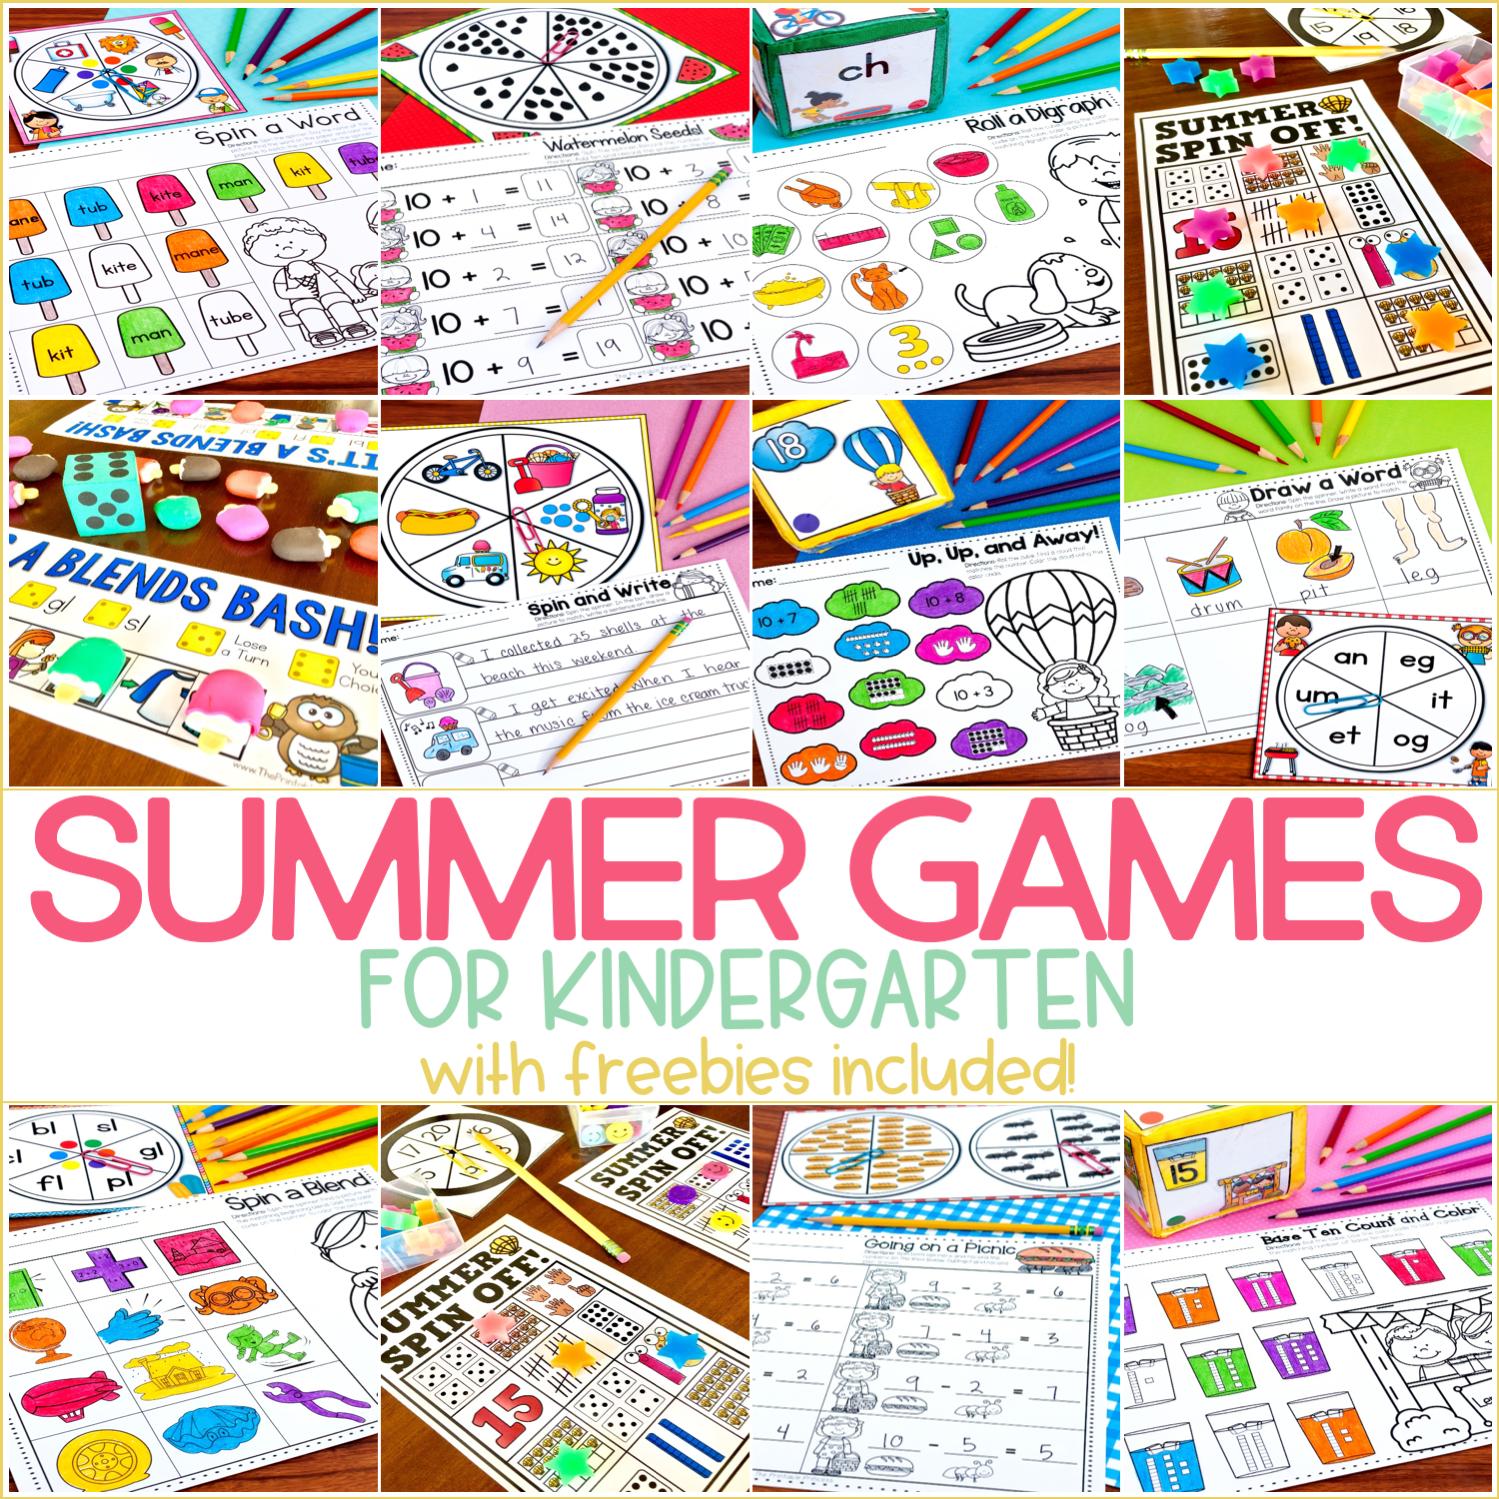 Summer Games and Activities for Kindergarten